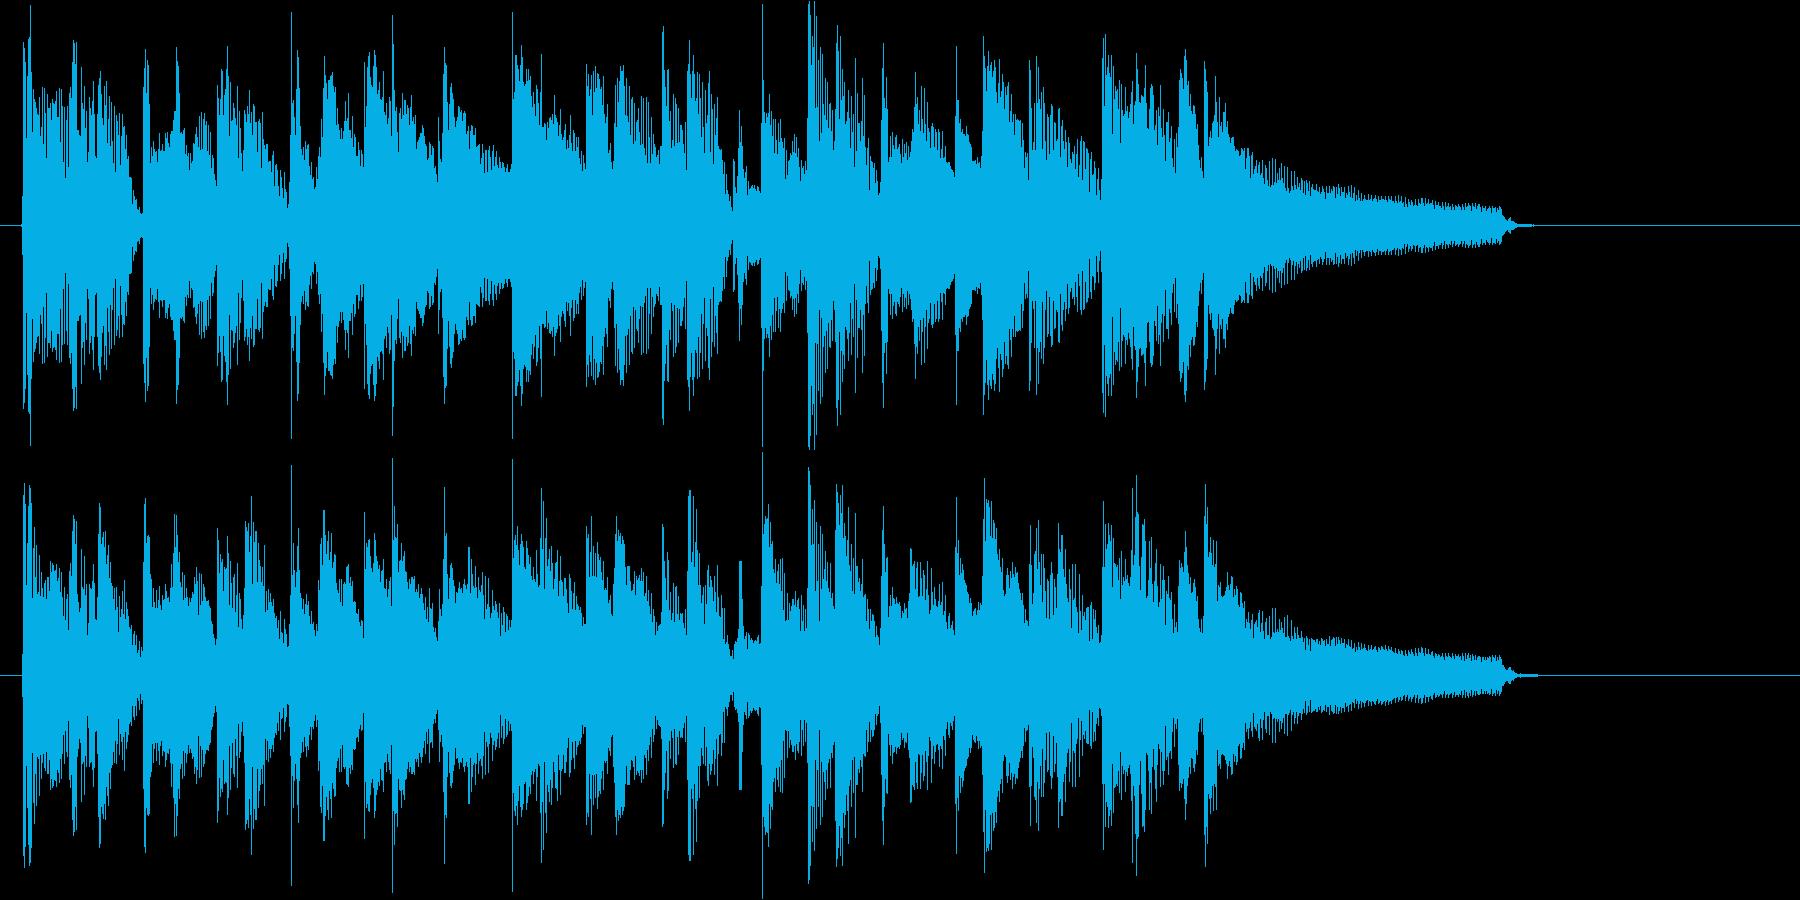 人気のウクレレ!流行のポップサウンド♪の再生済みの波形